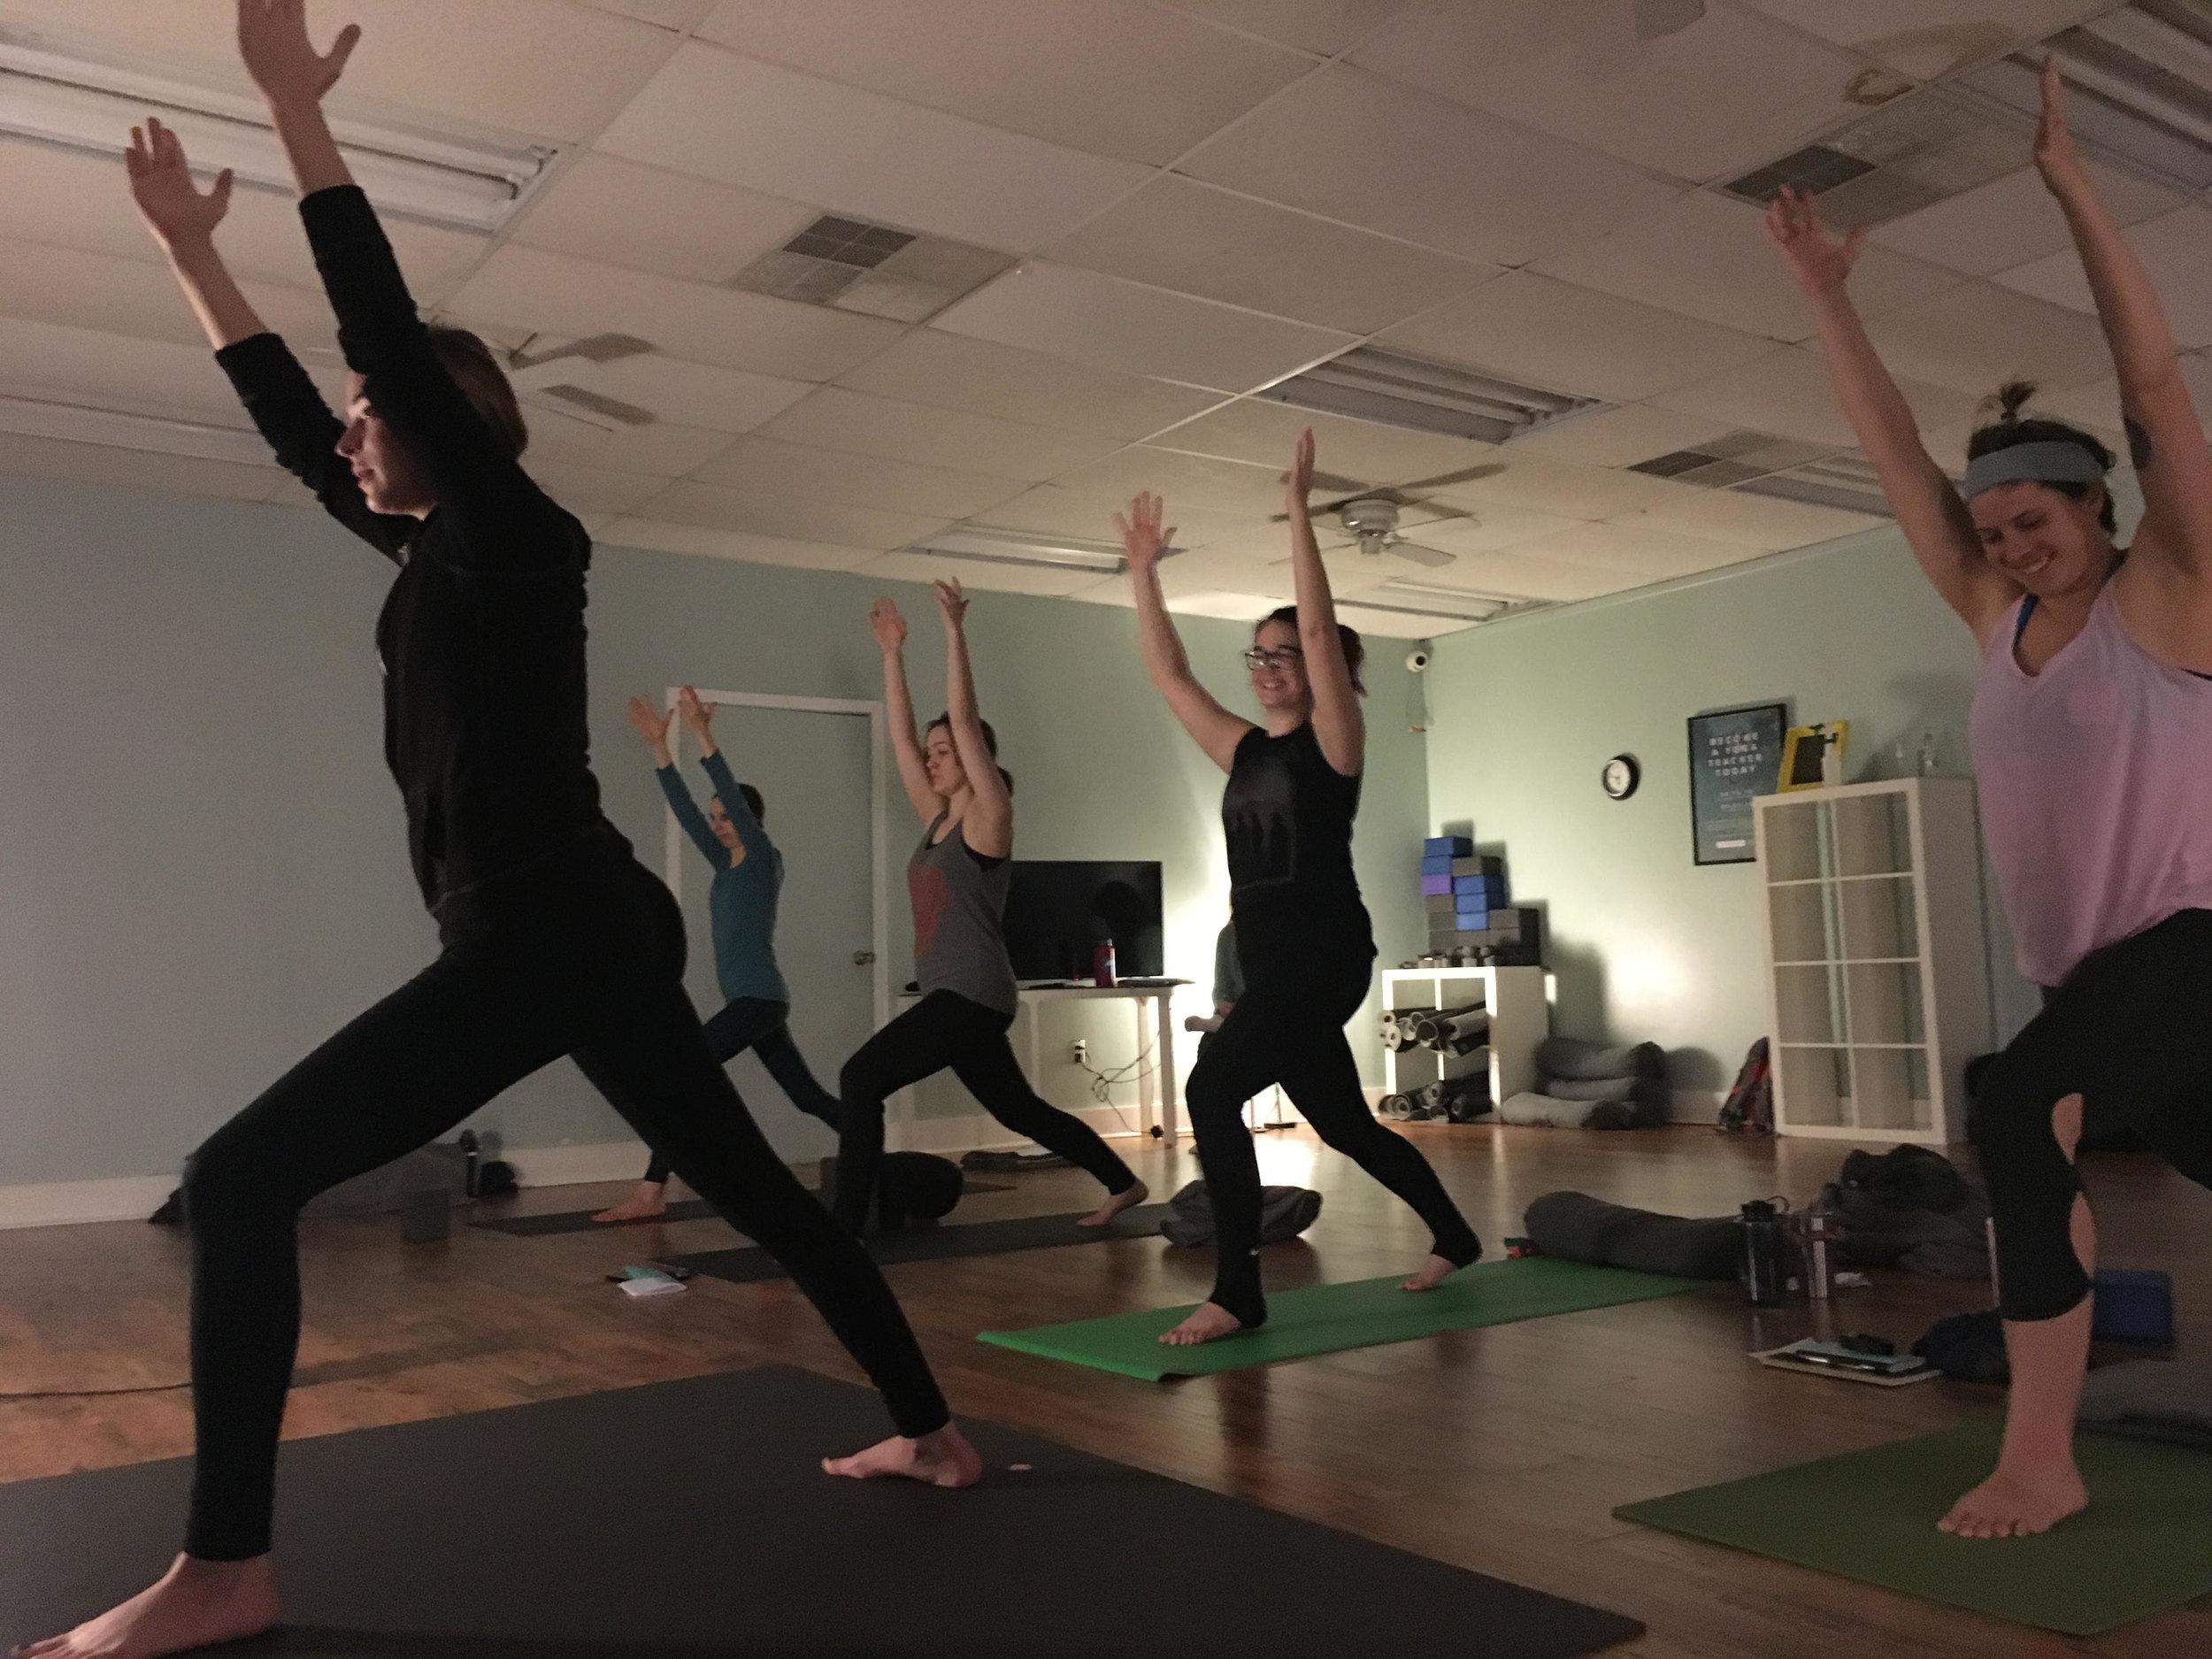 Steph training with her fellow Yoga Teacher trainees.